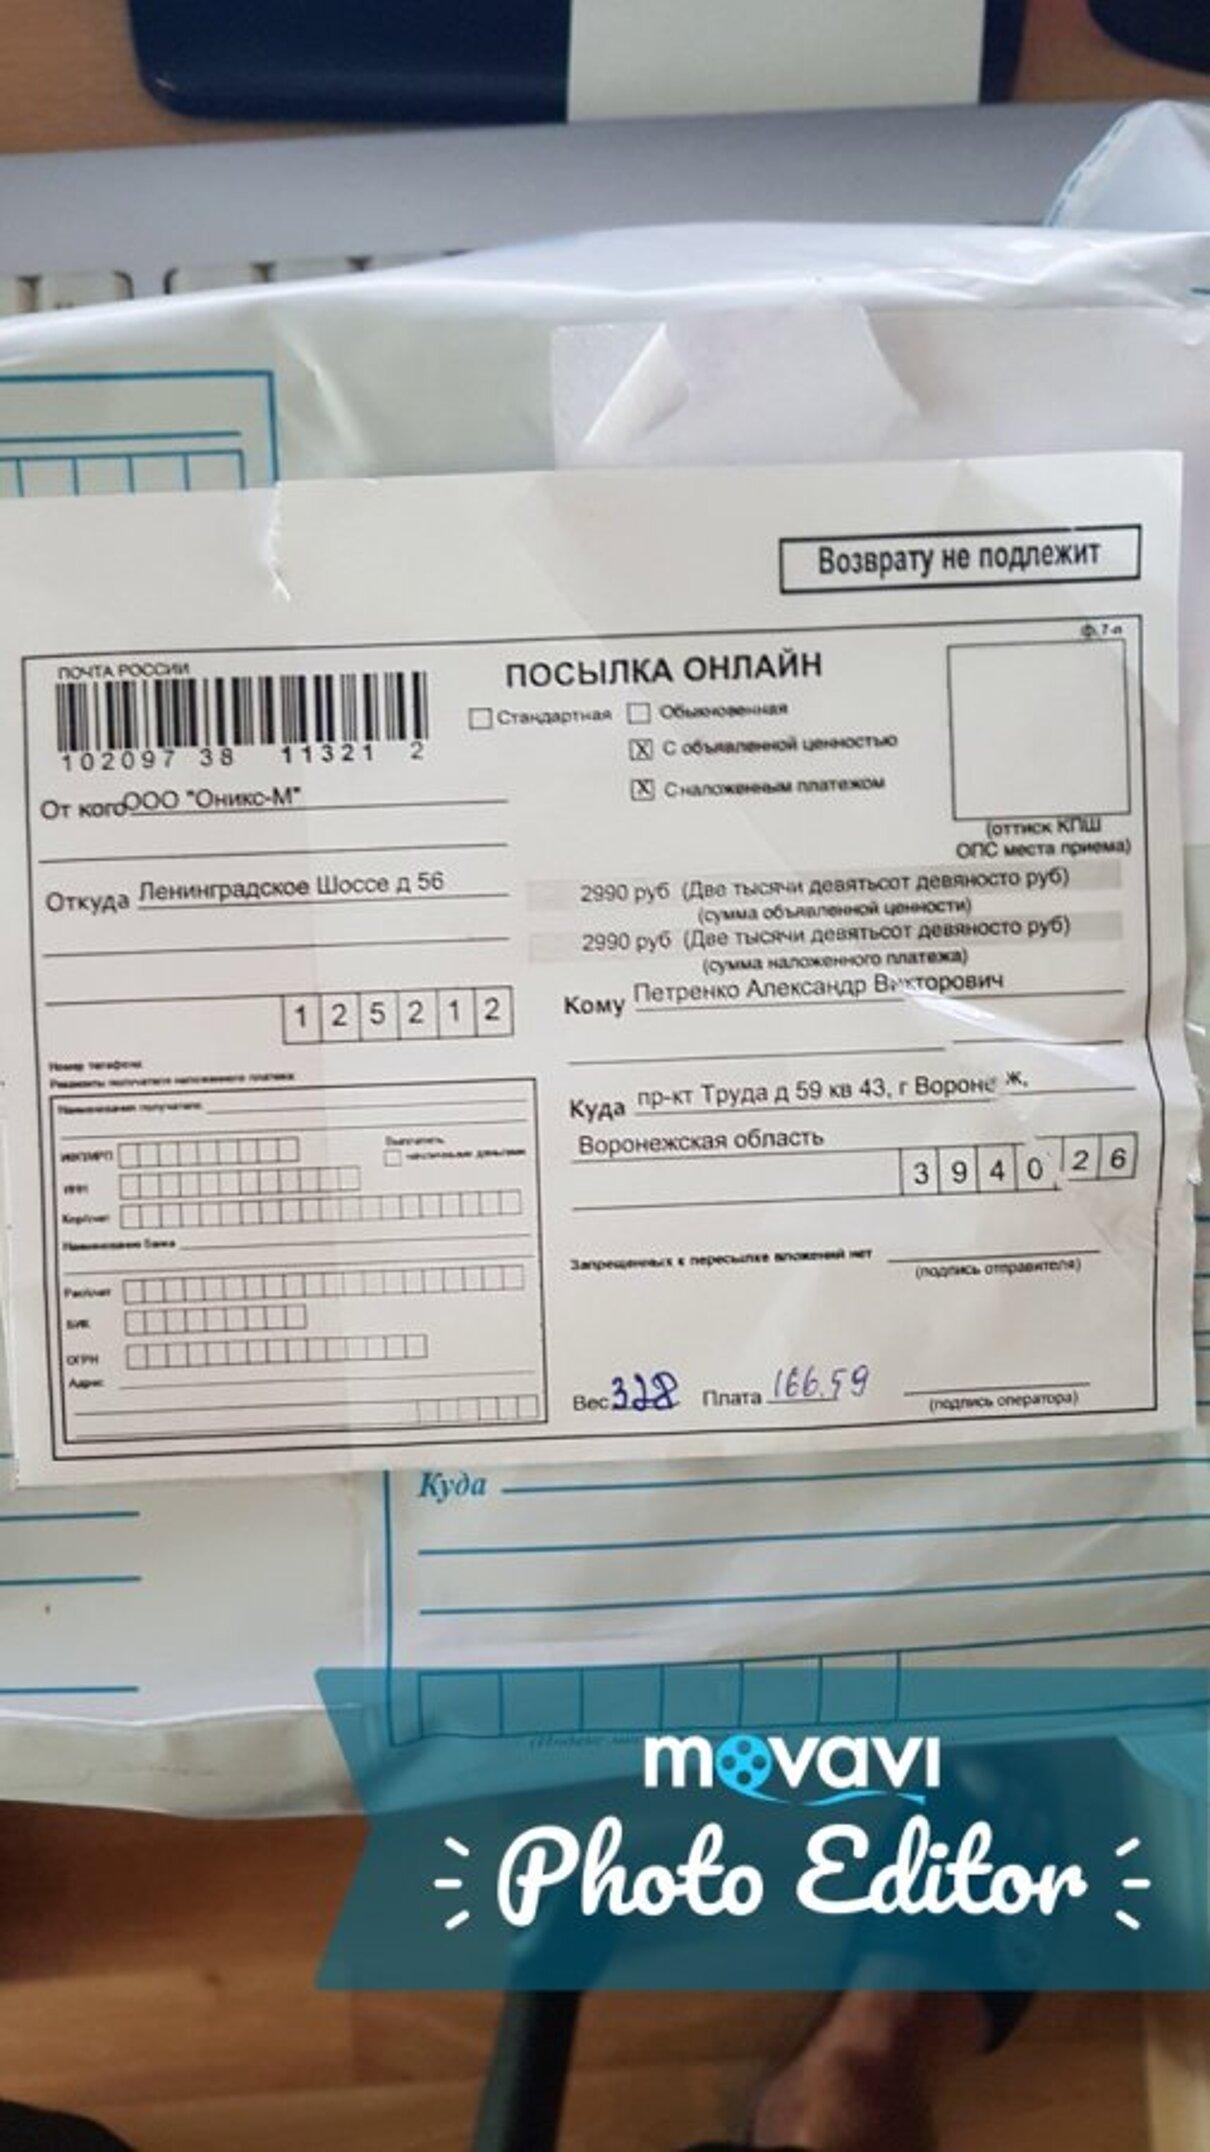 Жалоба-отзыв: Http://gearfit2.ru ооо Оникс-М . Ленинградское Шоссе д 56 - Мошенничество.  Фото №2